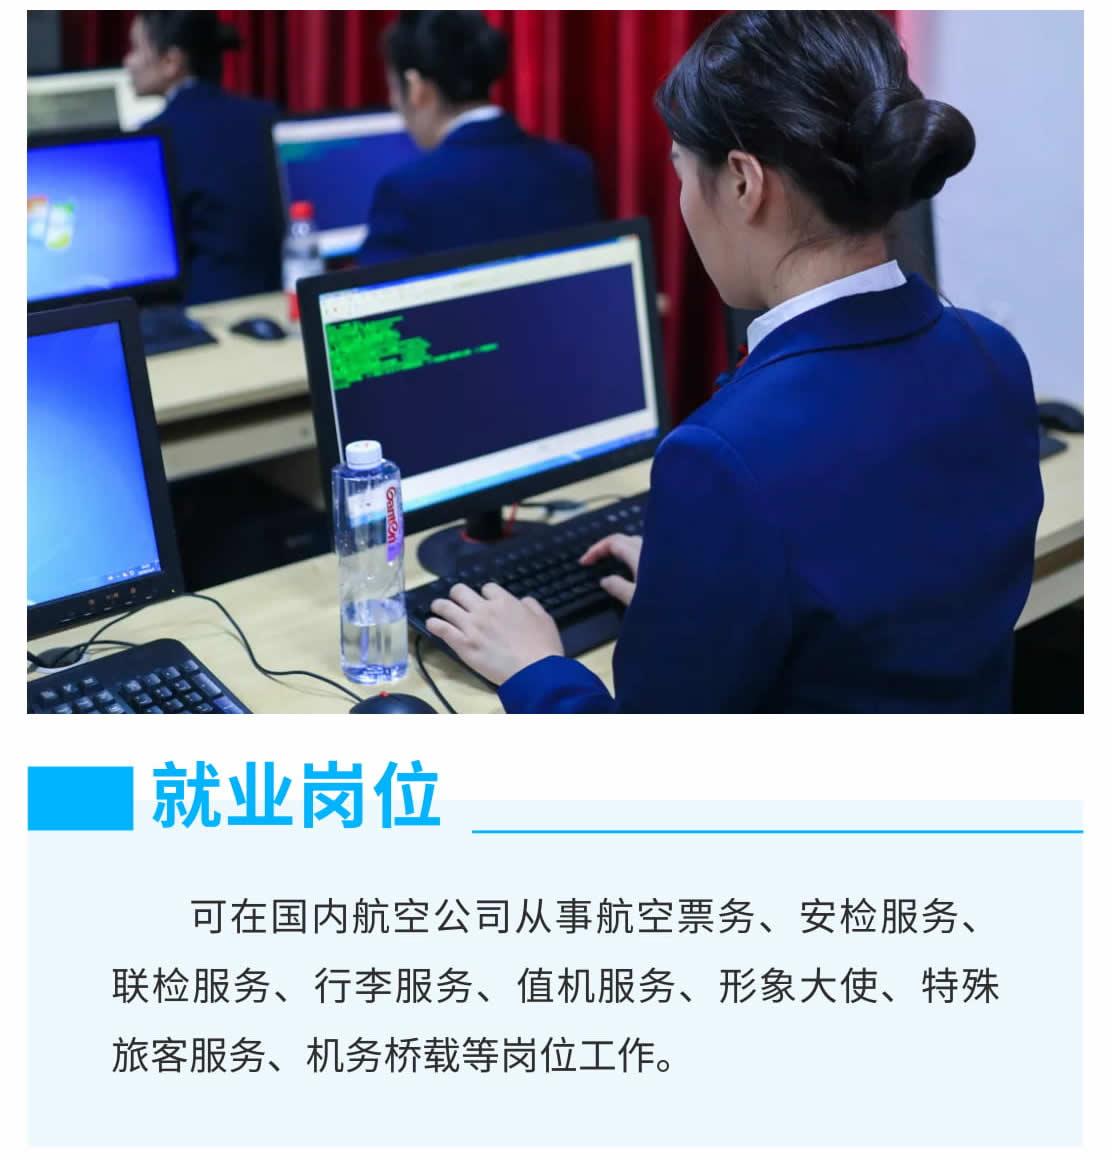 航空服务(高中起点三年制)-1_r3_c1.jpg